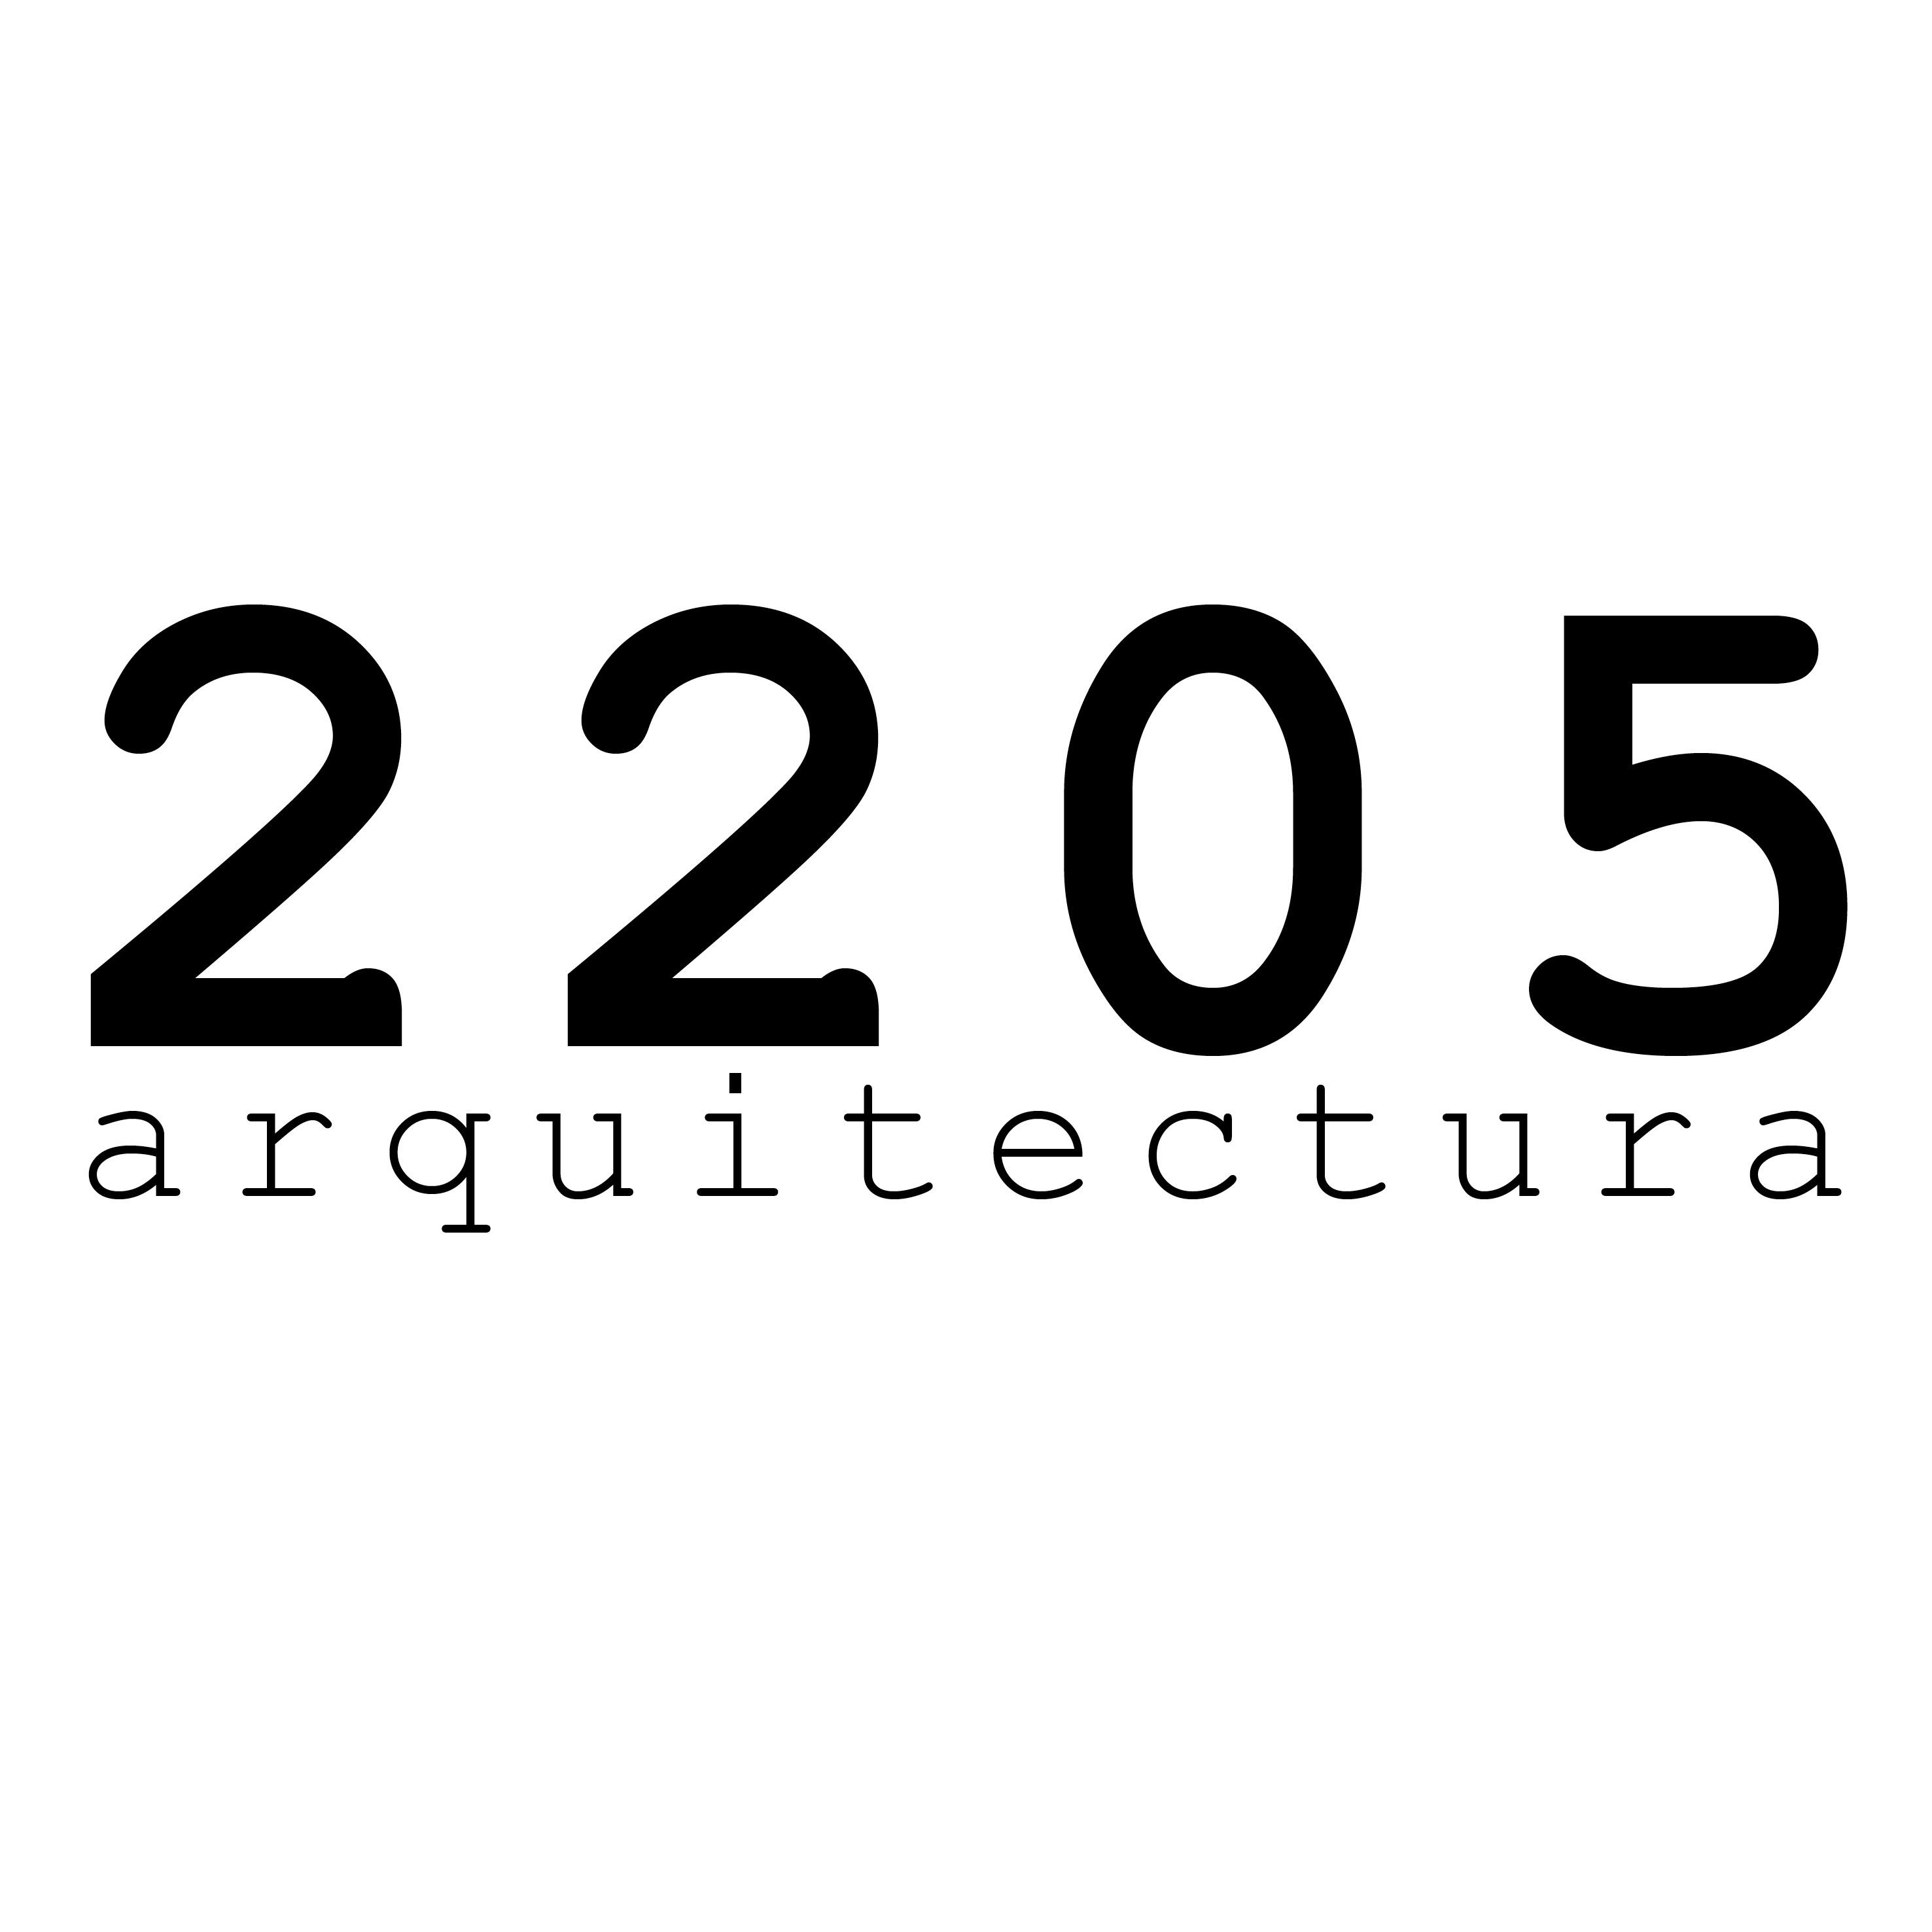 2205arquitectura